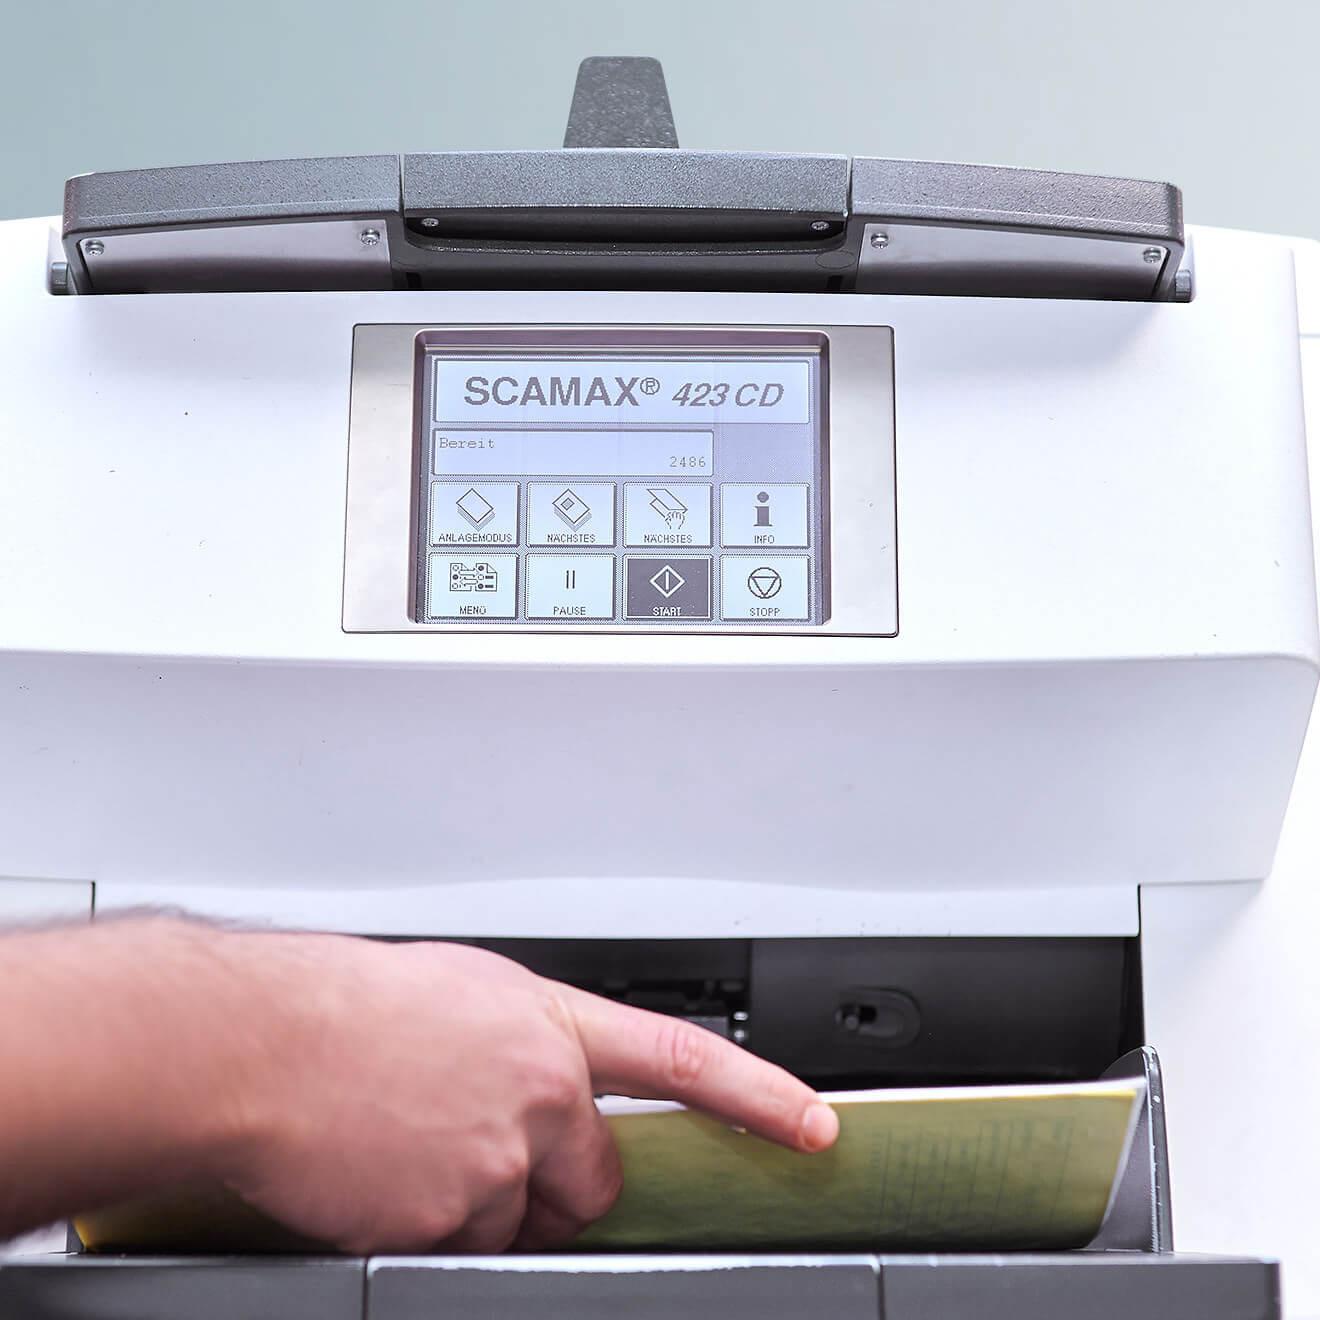 Alte Dokumente und Akten scannen und archivieren. Was kostet das?